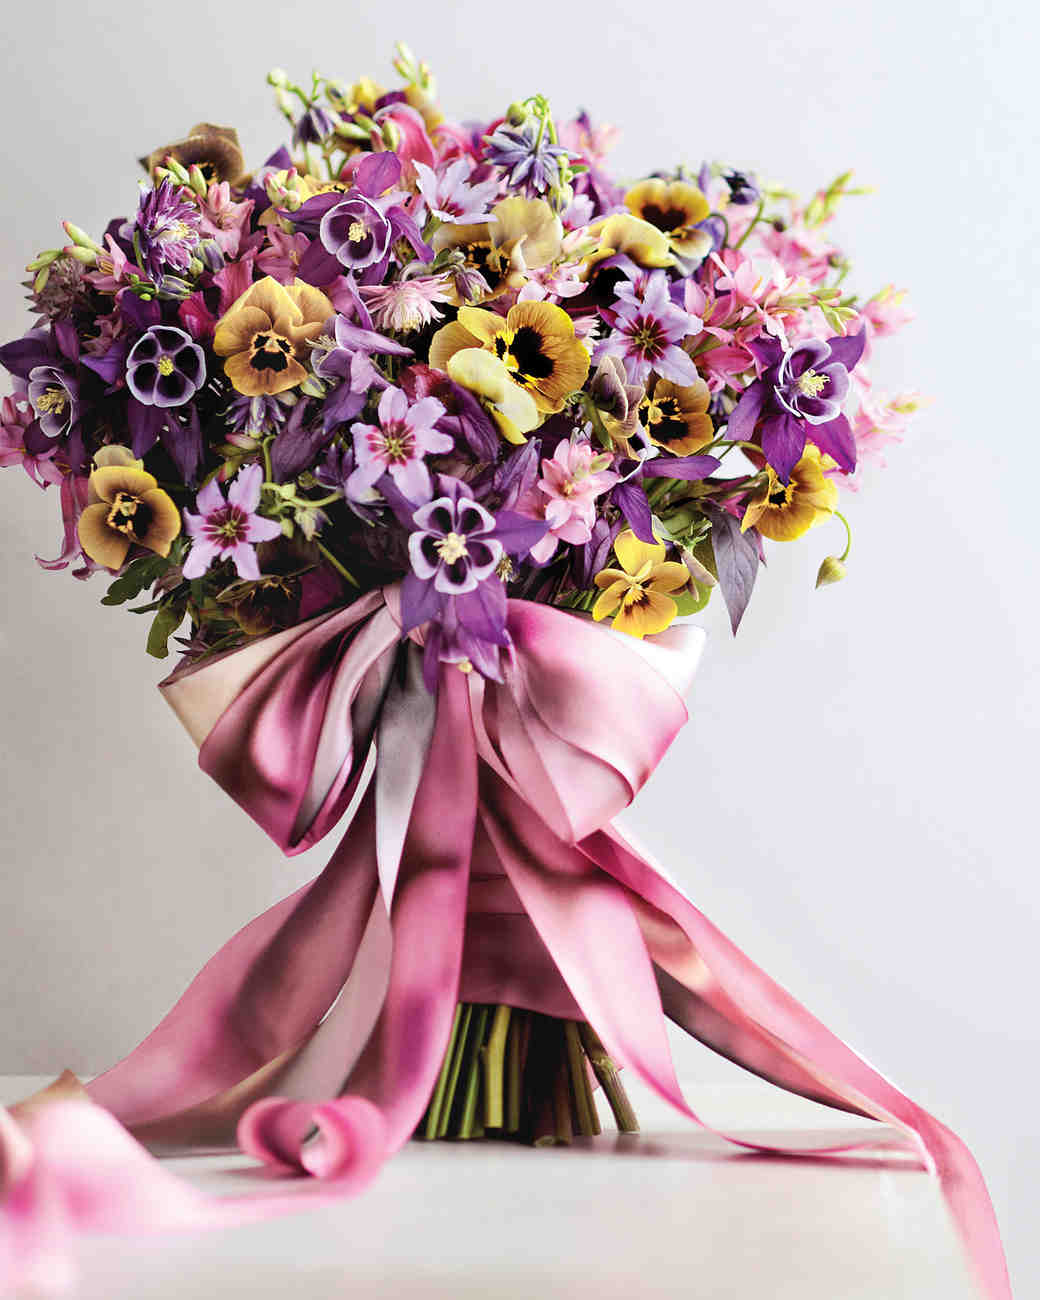 flowers-7-0811mwd107464.jpg